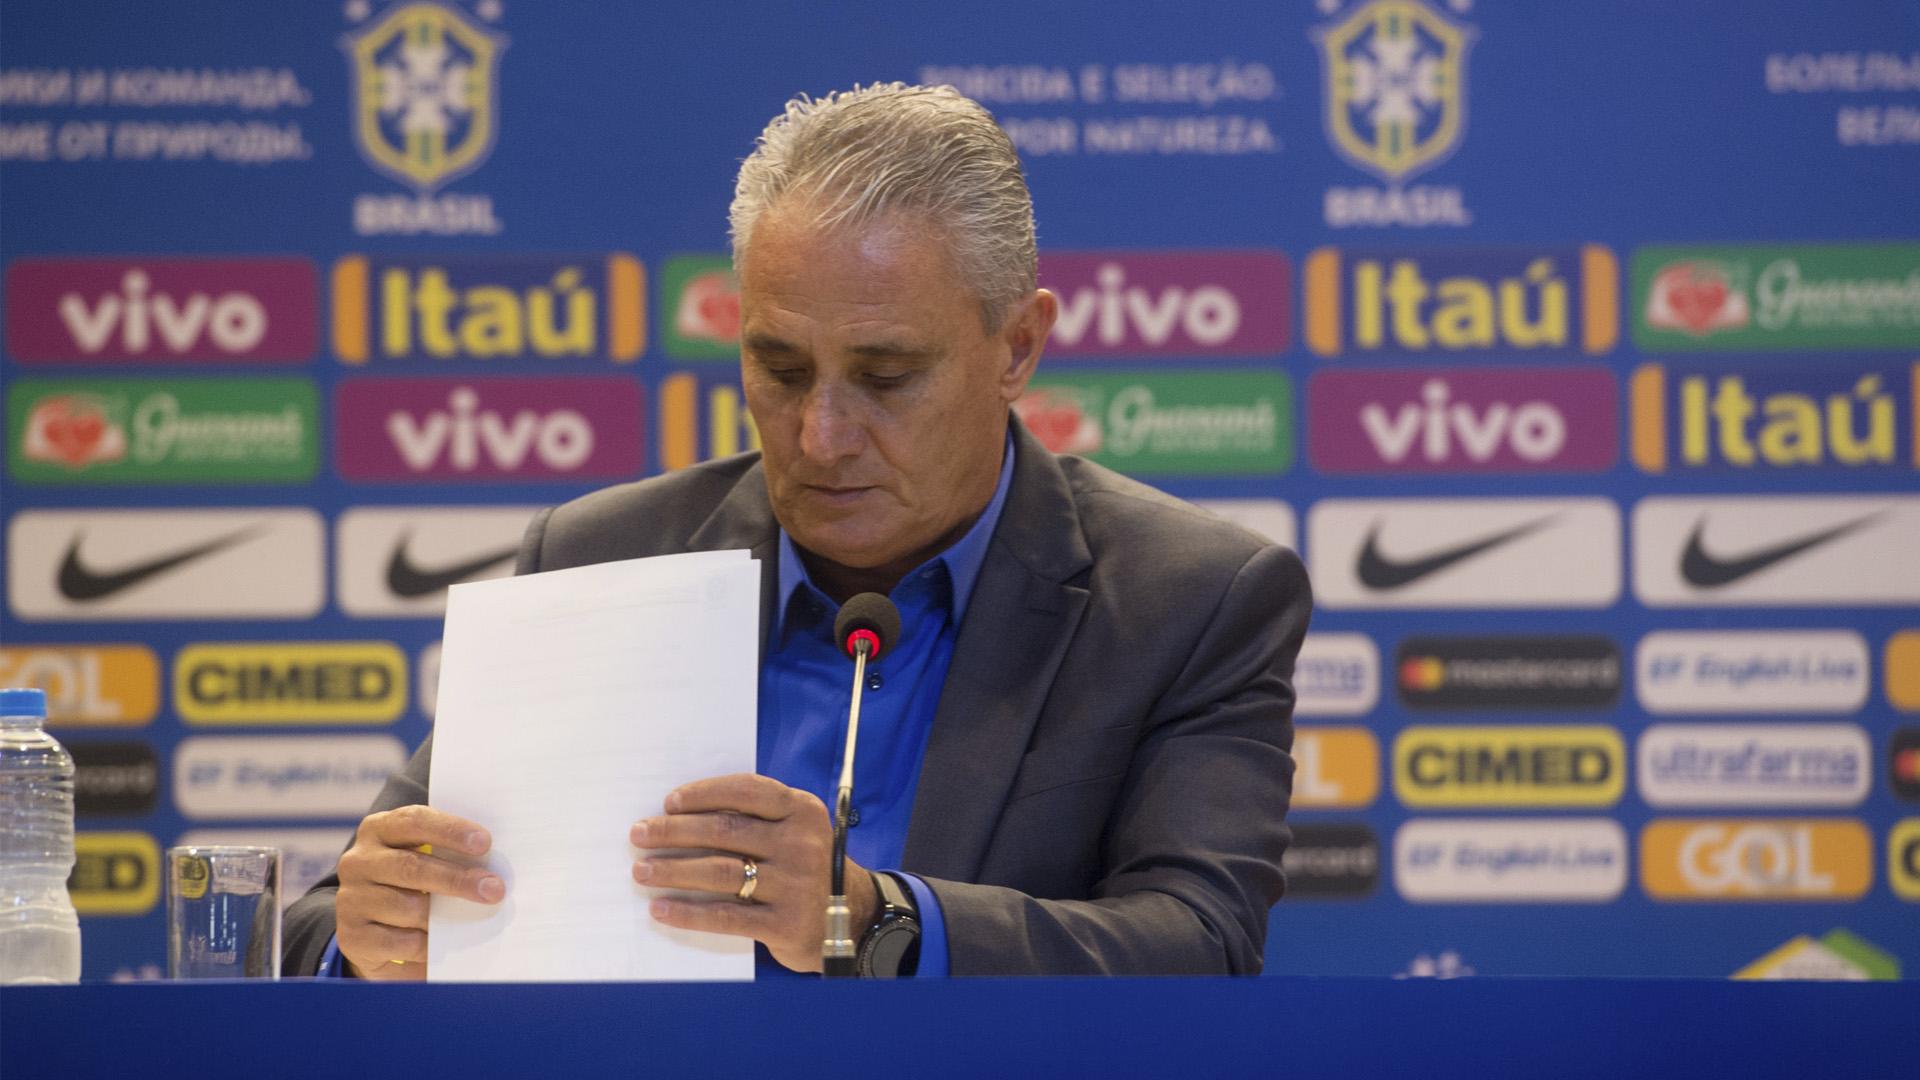 Tite Seleção Brasileira convocação para Copa 18 14 05 18